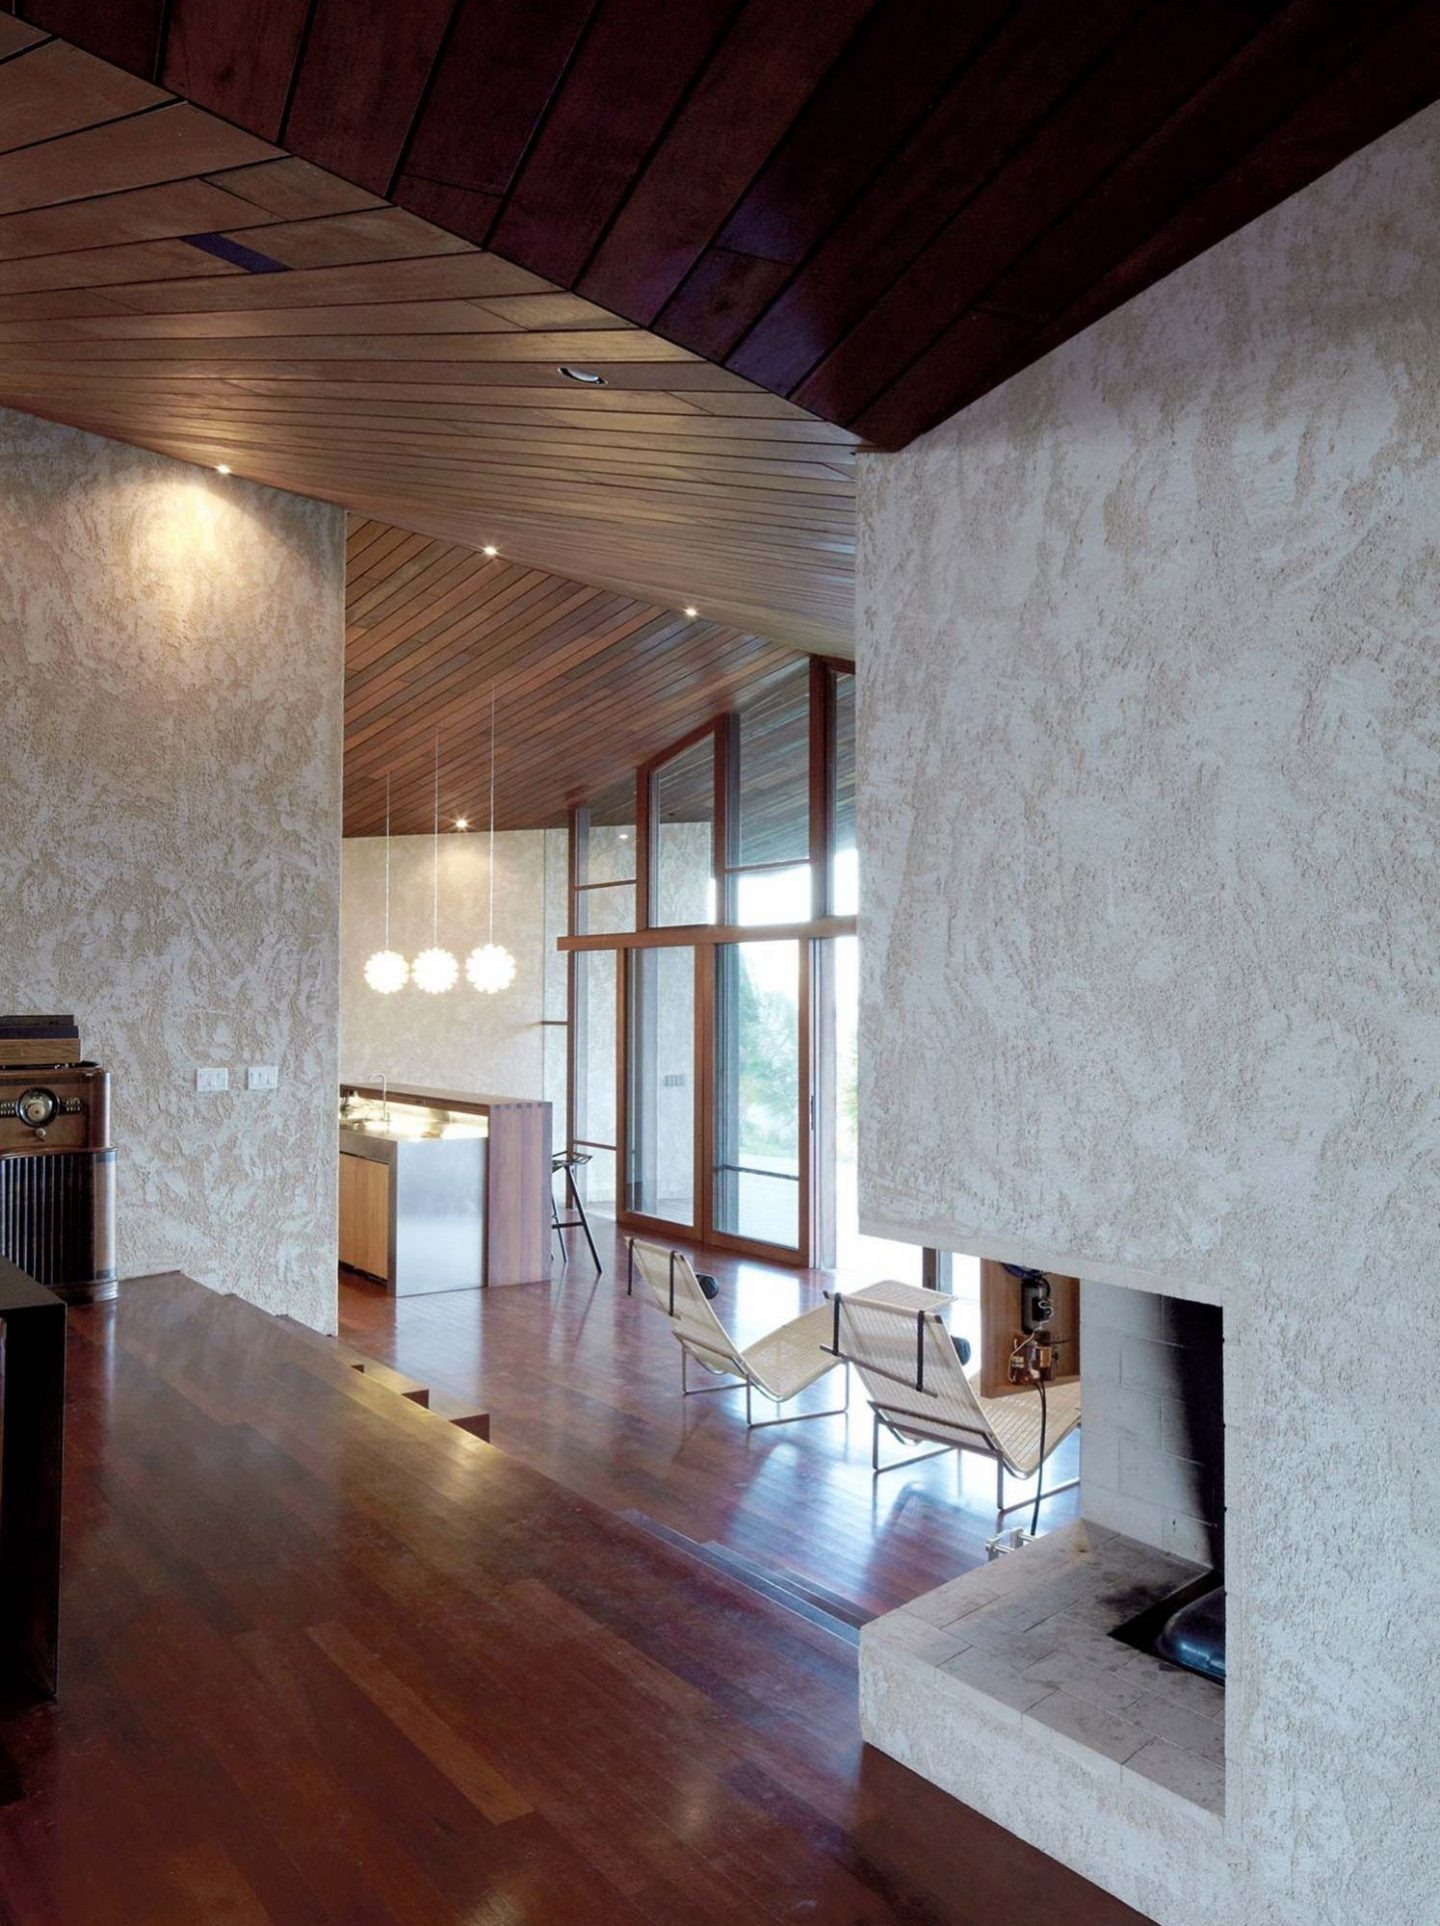 Architecture_ClifftopHouse_DeklevaGregoričArhitekti_08